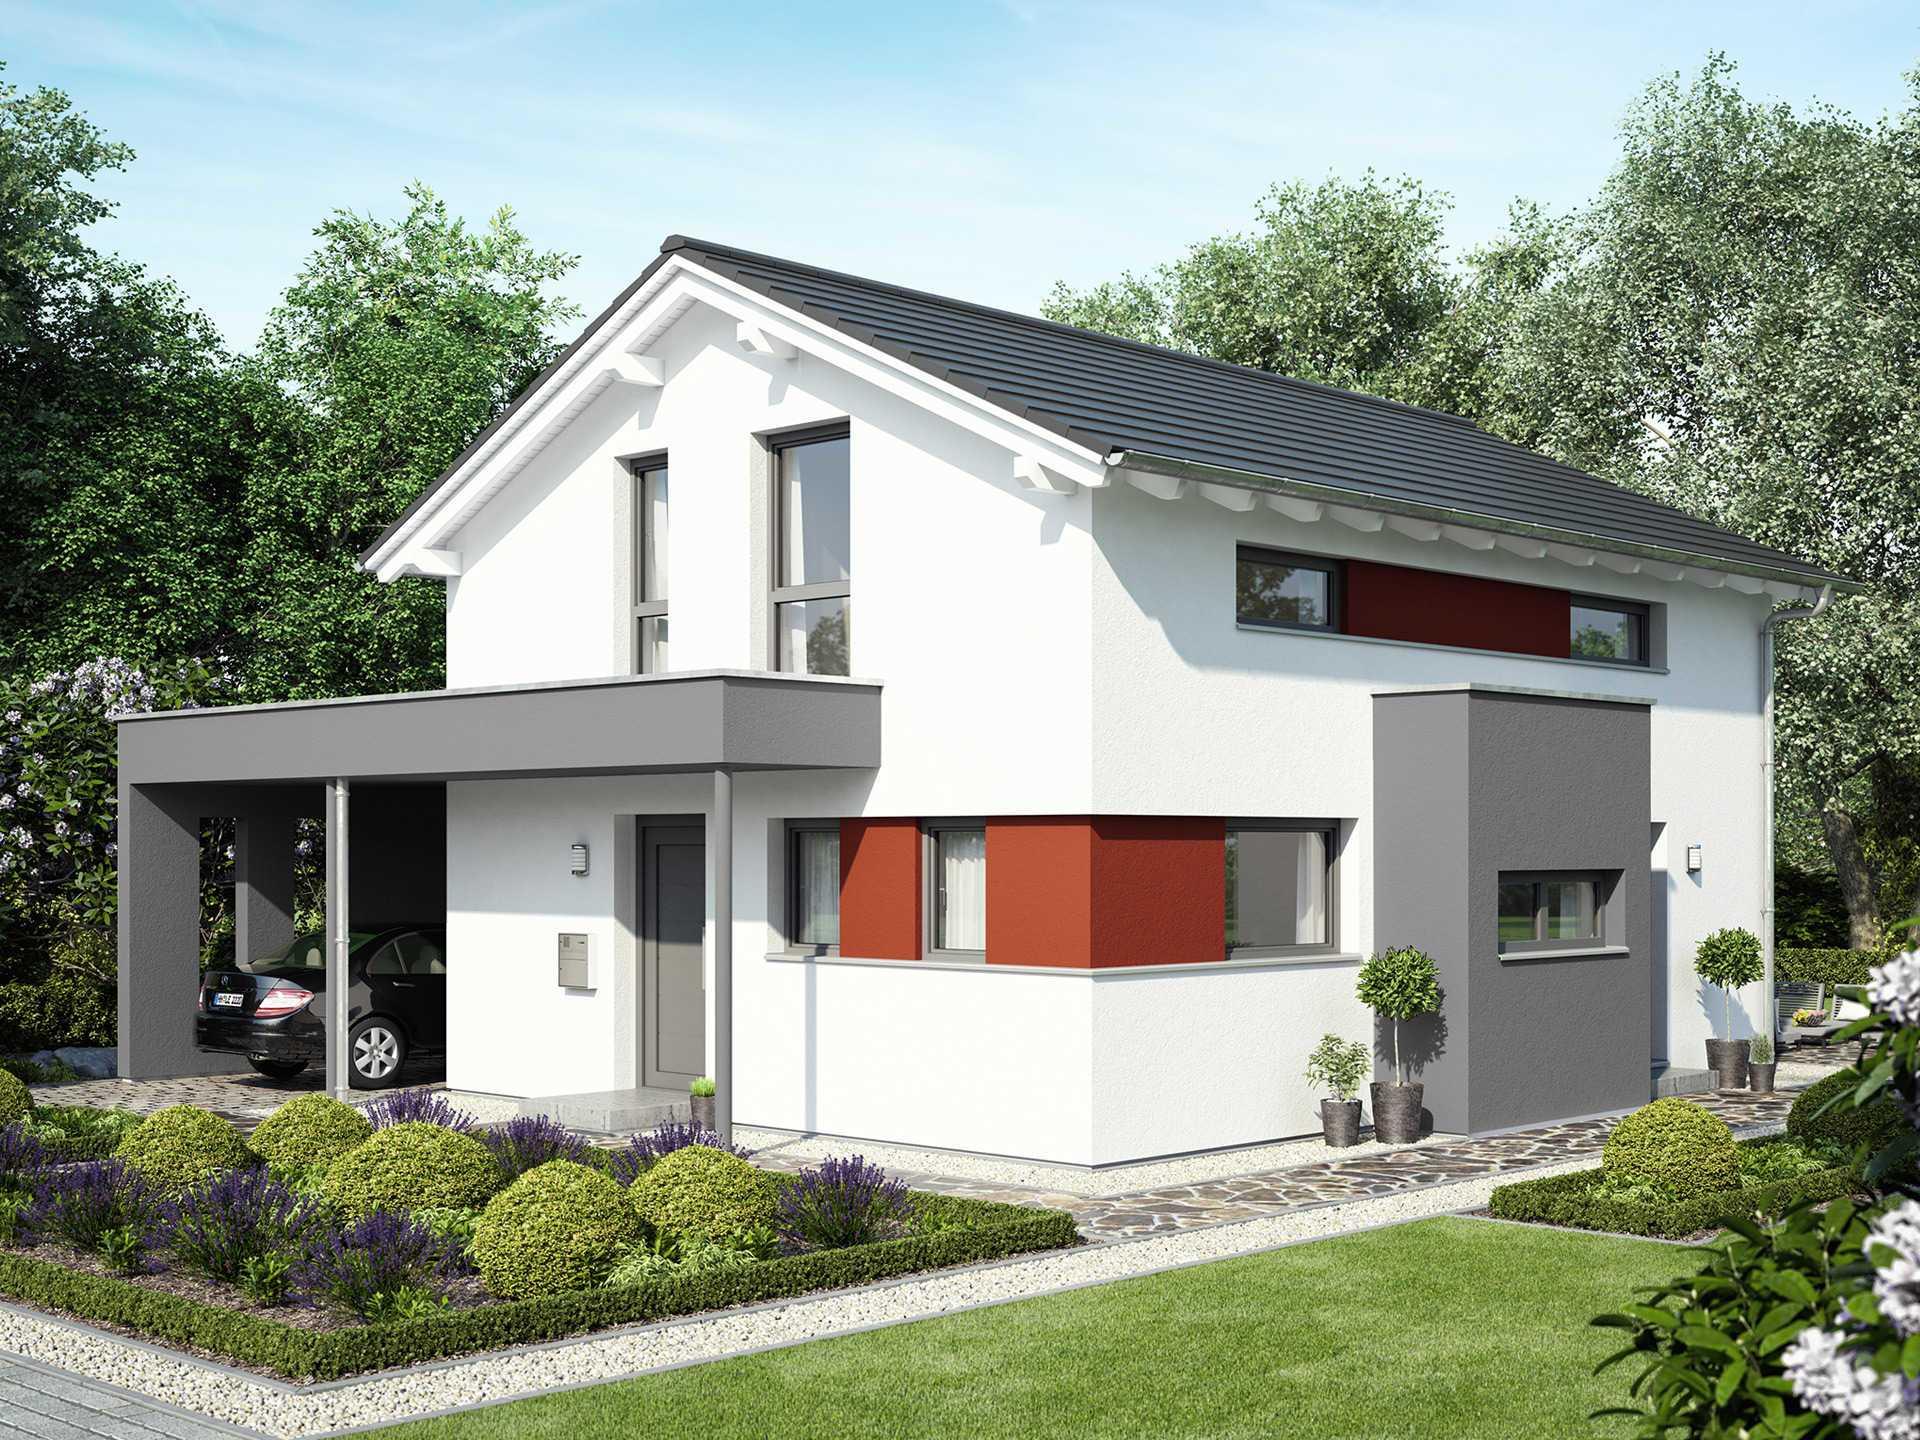 einfamilienhaus edition 2 v2 bien zenker. Black Bedroom Furniture Sets. Home Design Ideas